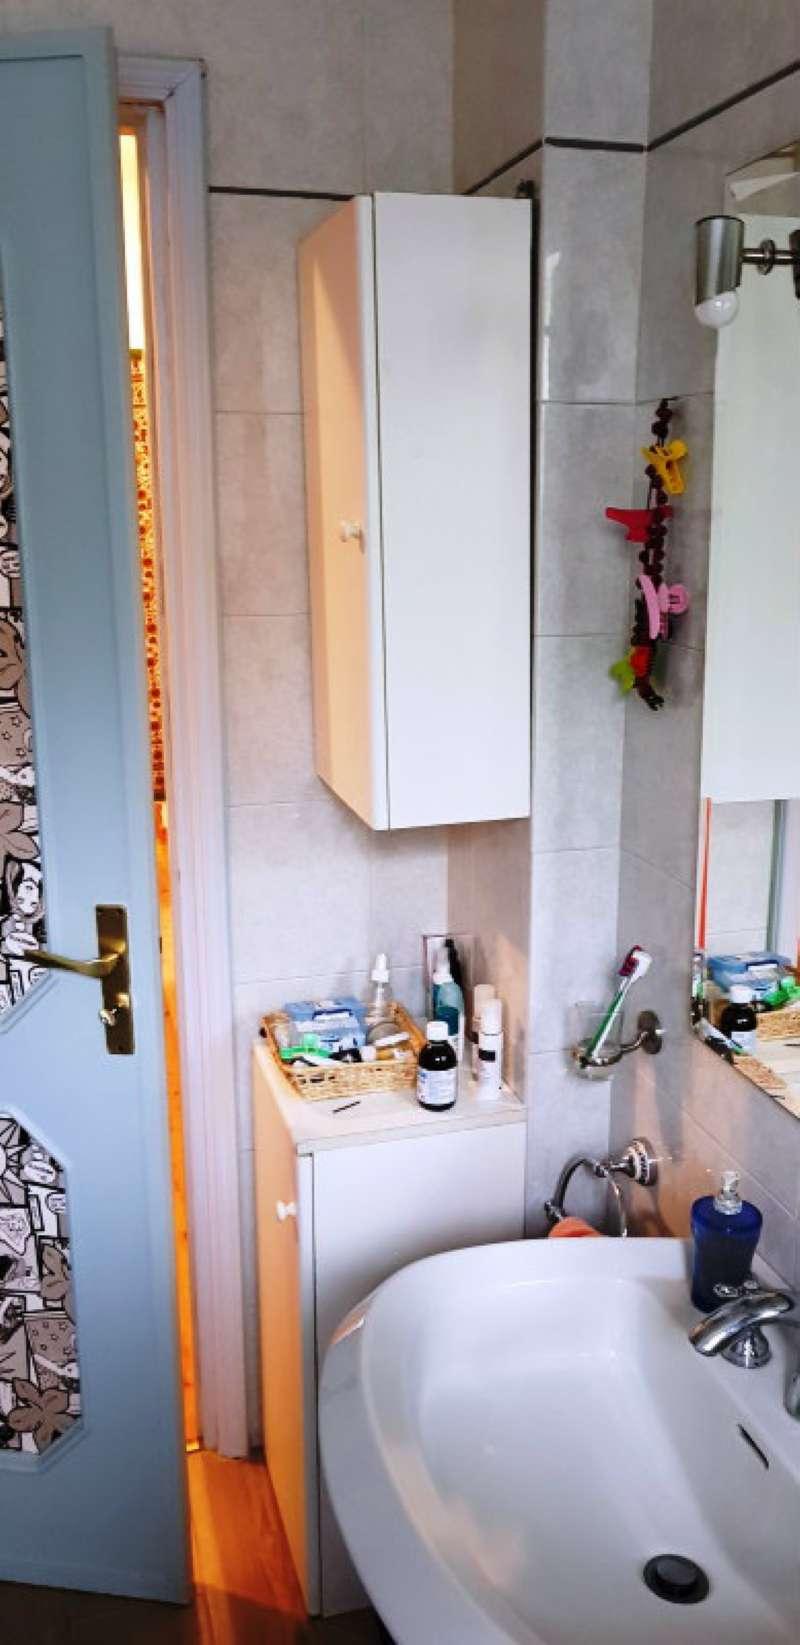 Foto 15 di Appartamento via SERVAIS 200 A 39, Torino (zona Parella, Pozzo Strada)